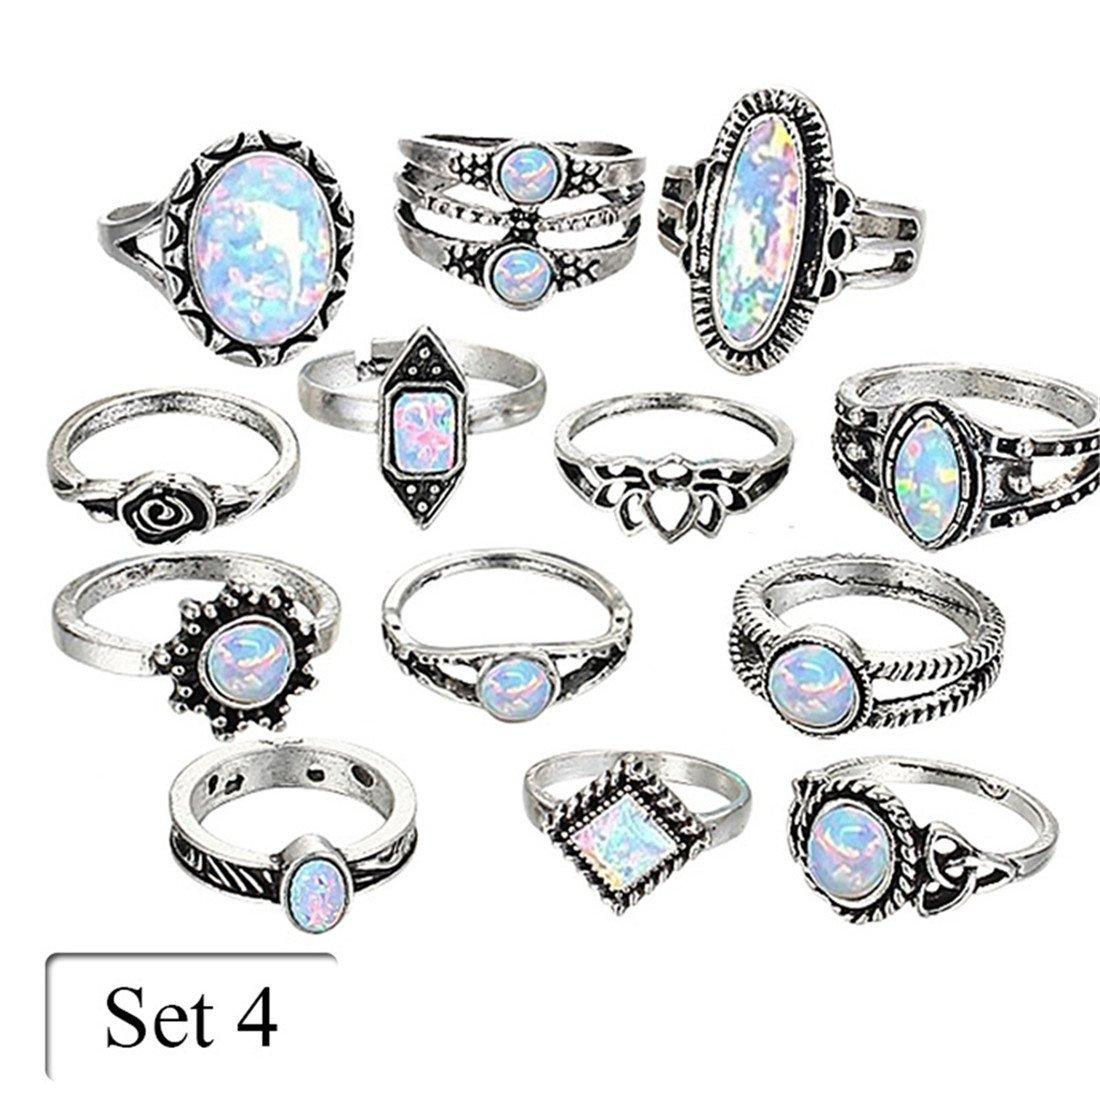 UNKE Vintage Bohemian Opal Rhinestone Eye Moon Wave Teardrop Carved Knuckle Joint Nail Rings for Women, 10 Pcs